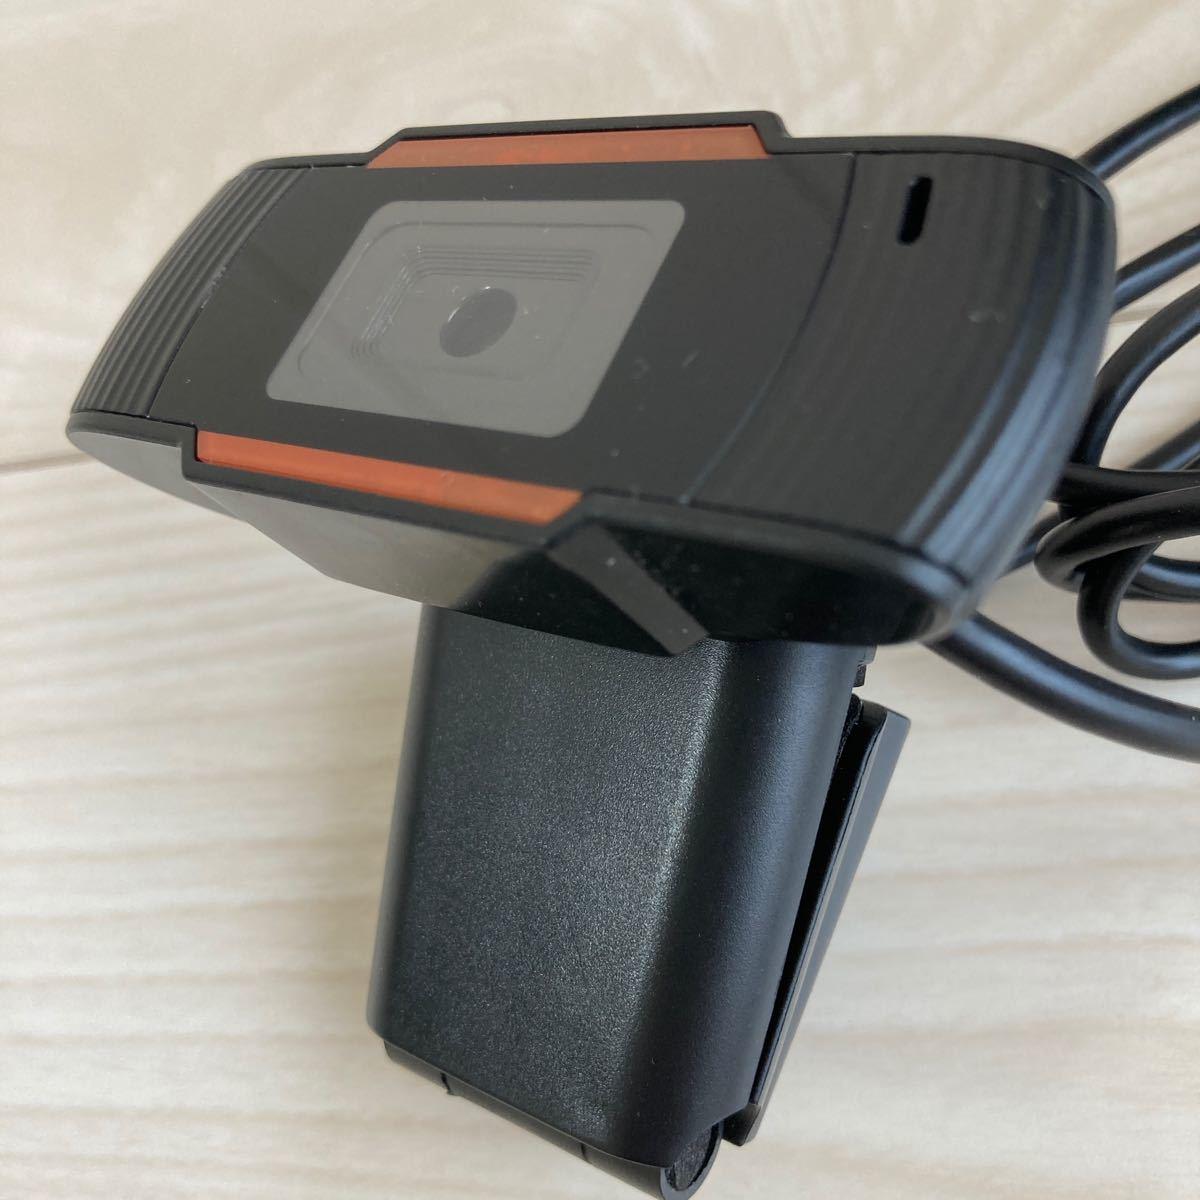 ウェブカメラ フルHD1080P/30fps Webカメラ 110°広角 200万画素 高画質 マイク内蔵 自動光補正